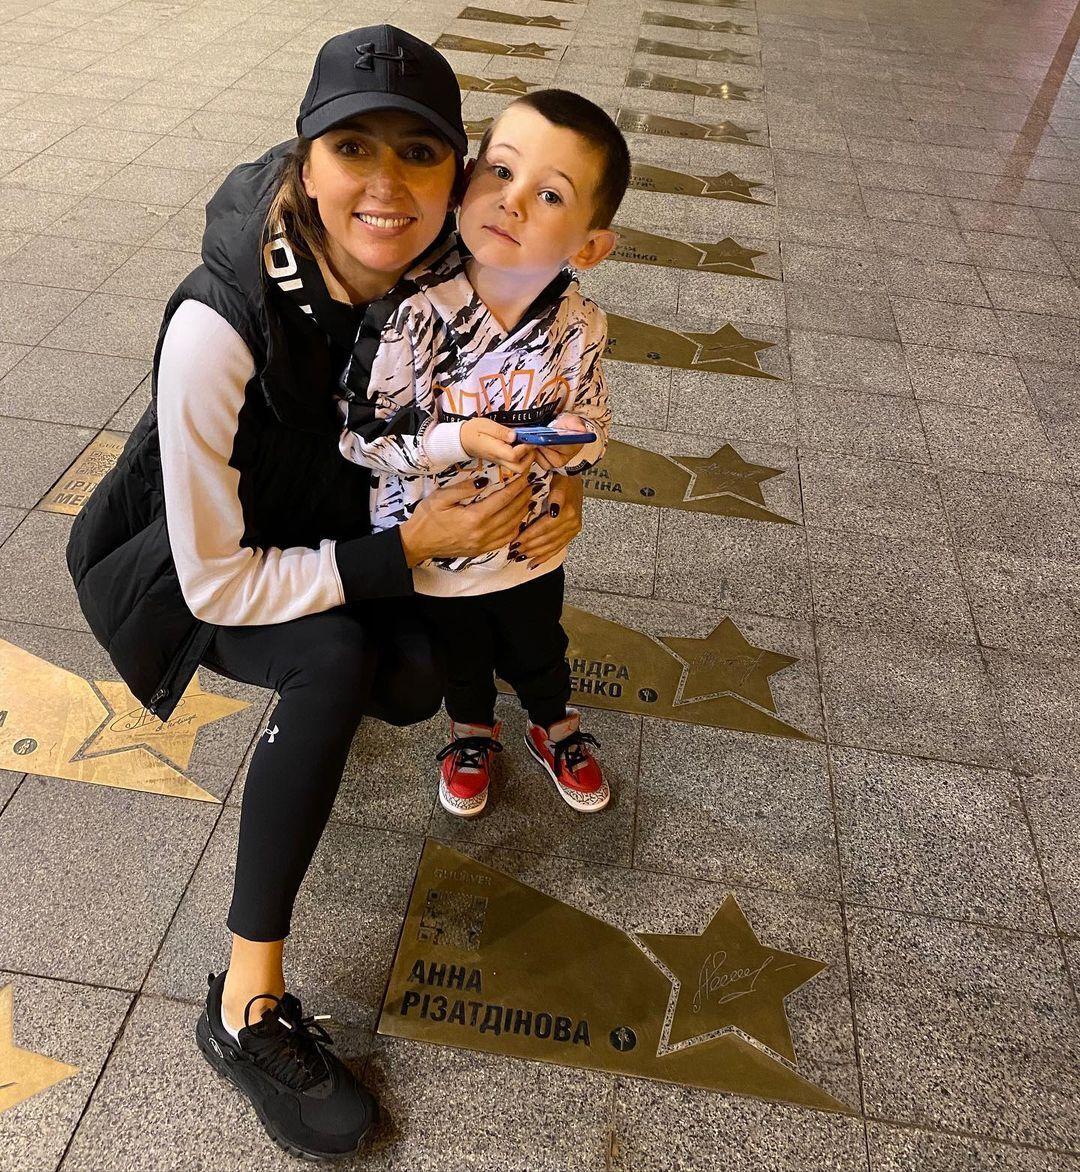 Анна Ризатдинова с сыном